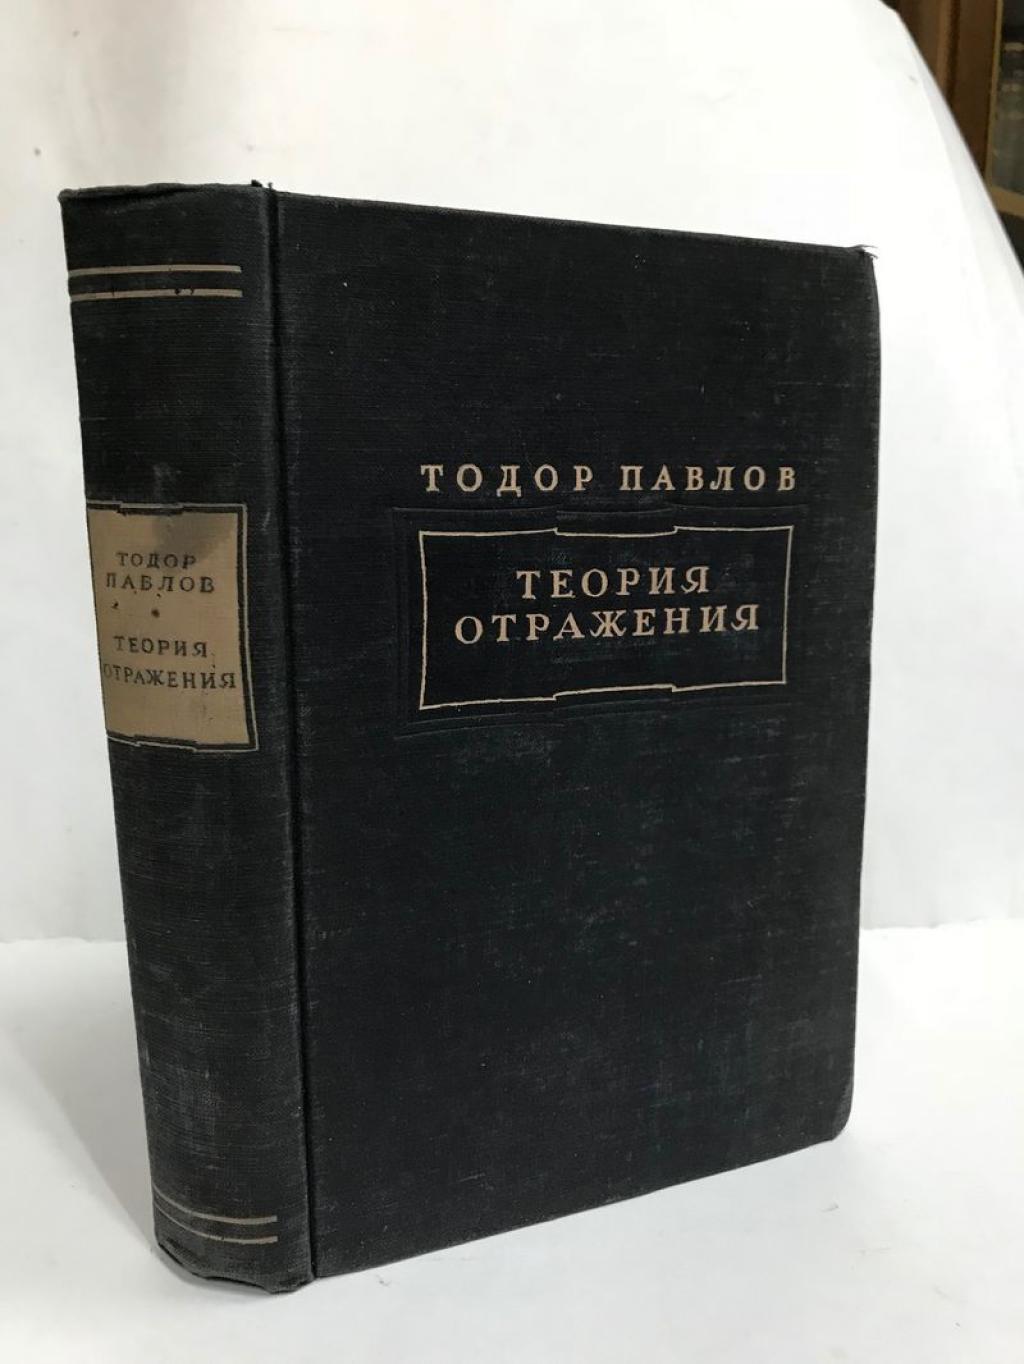 Тодор Павлов, Теория отражения